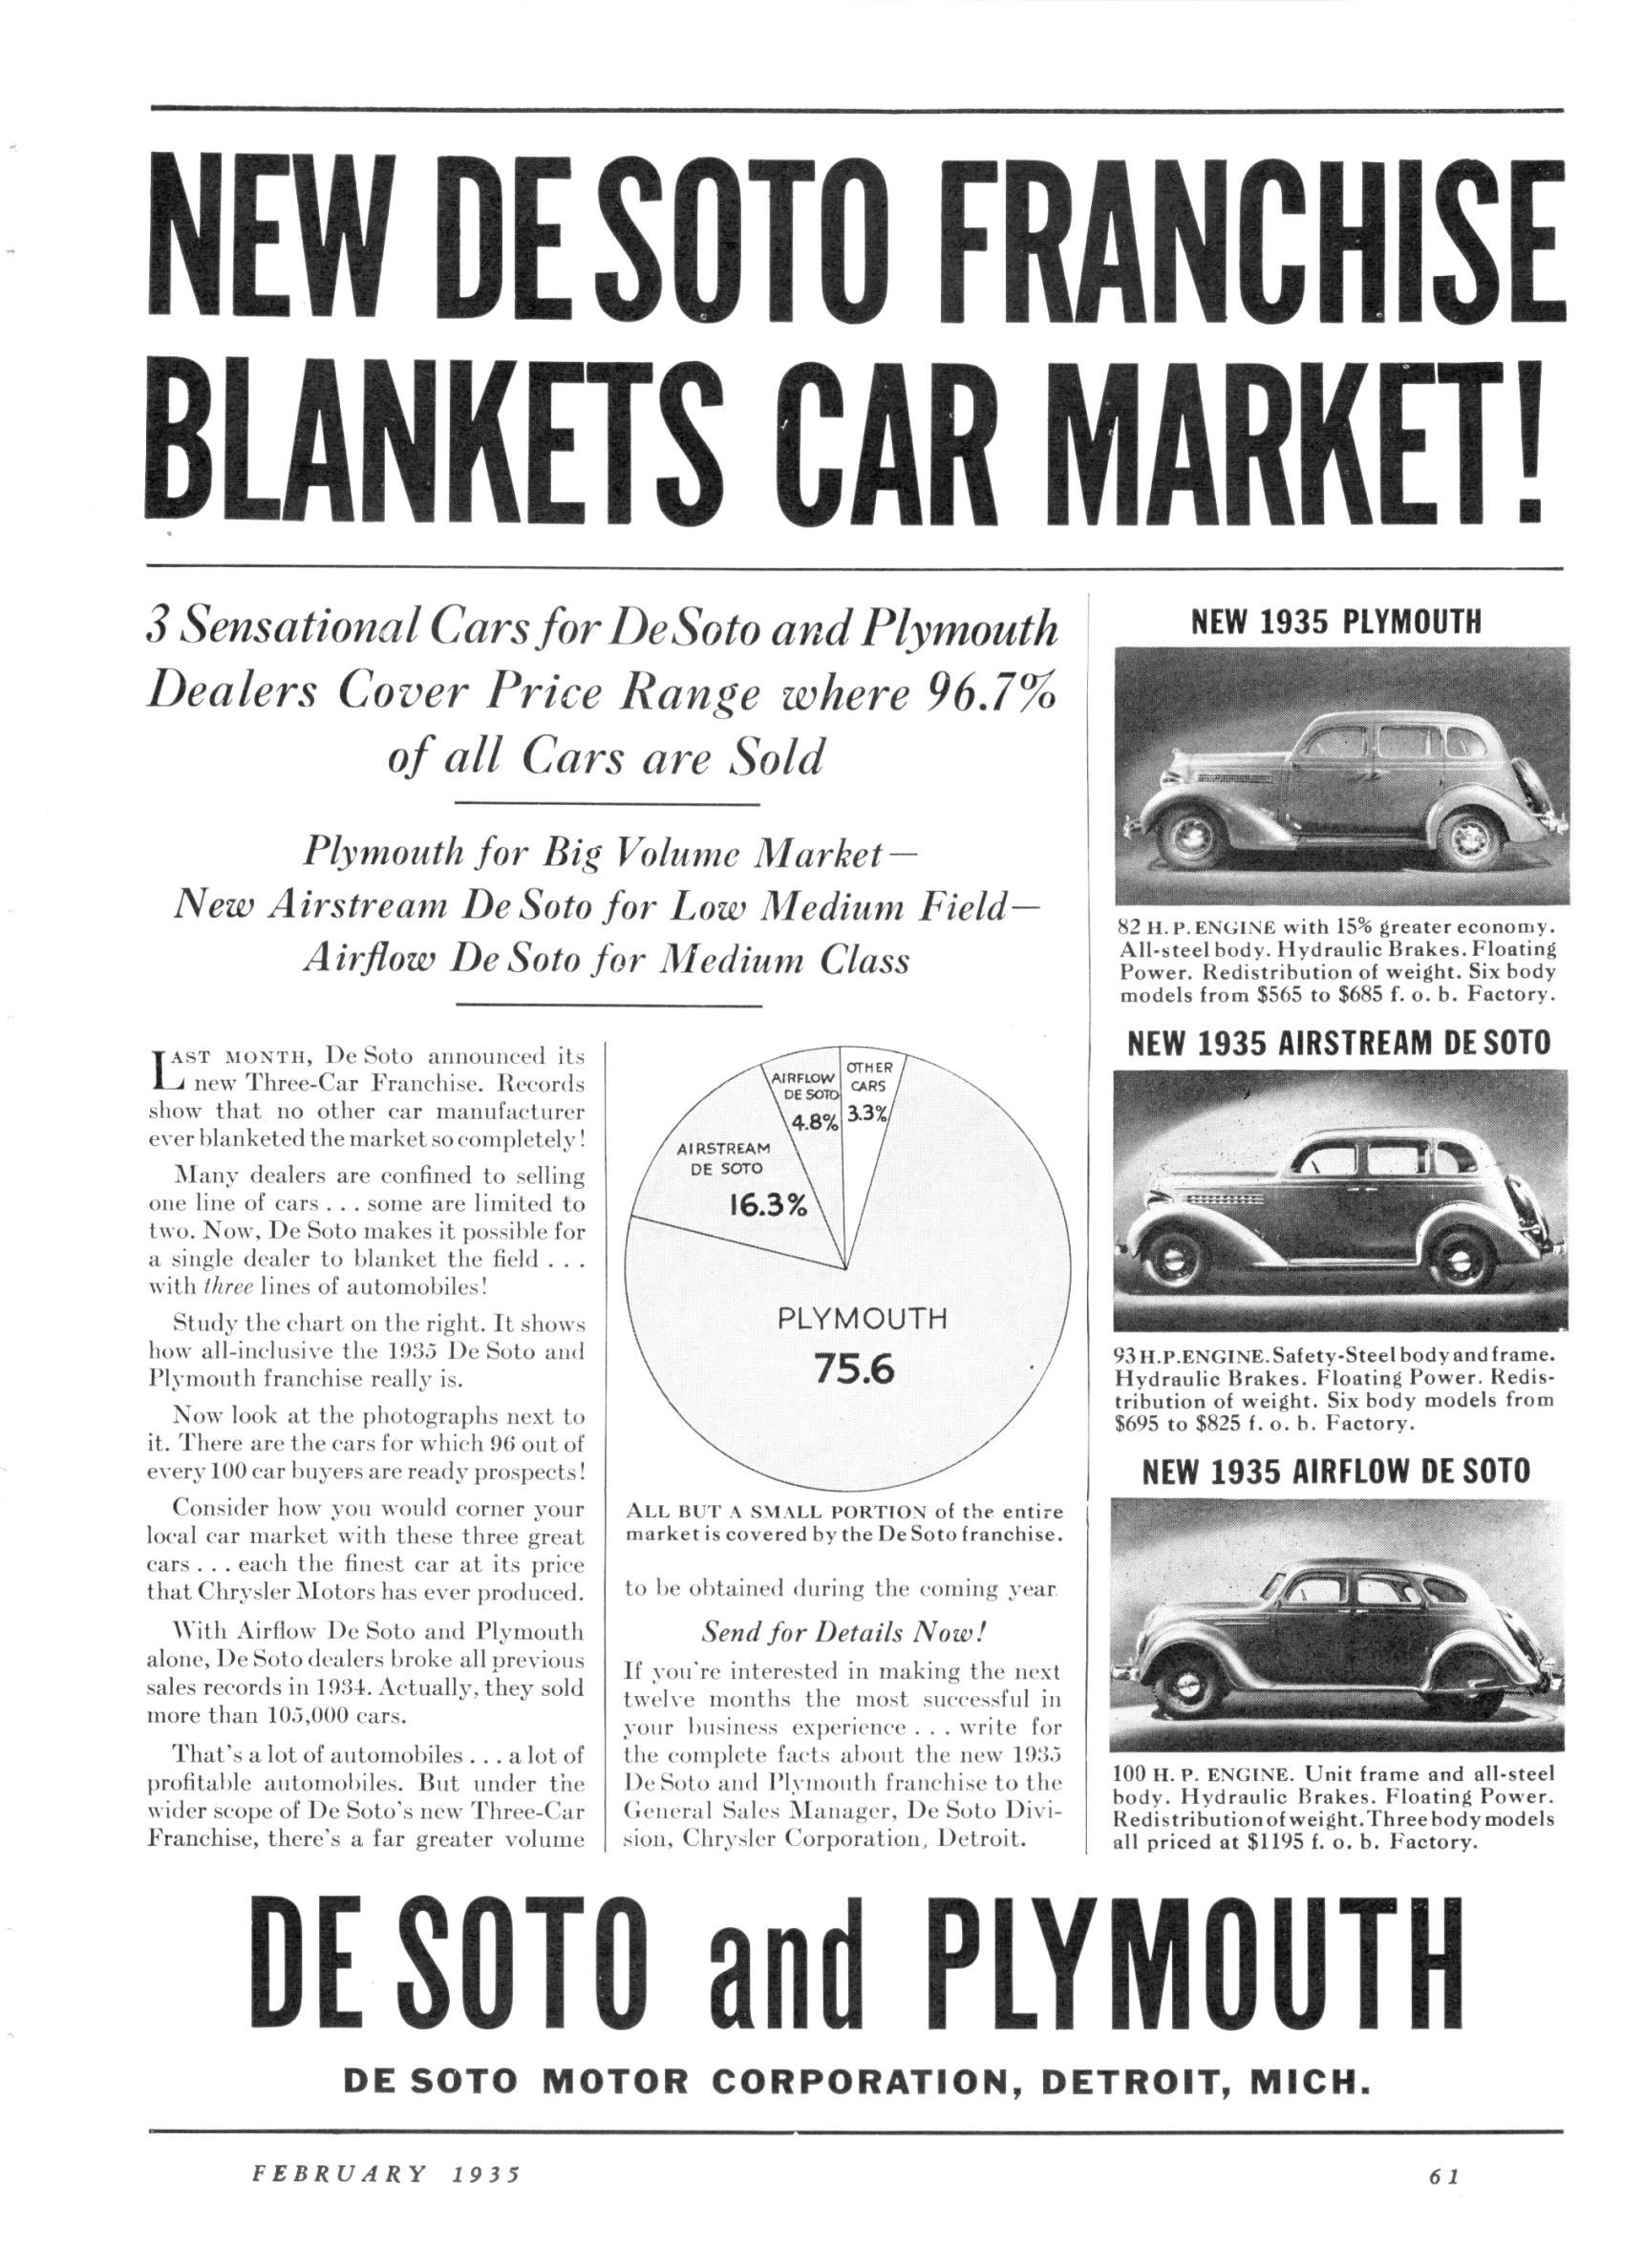 1935 DeSotos